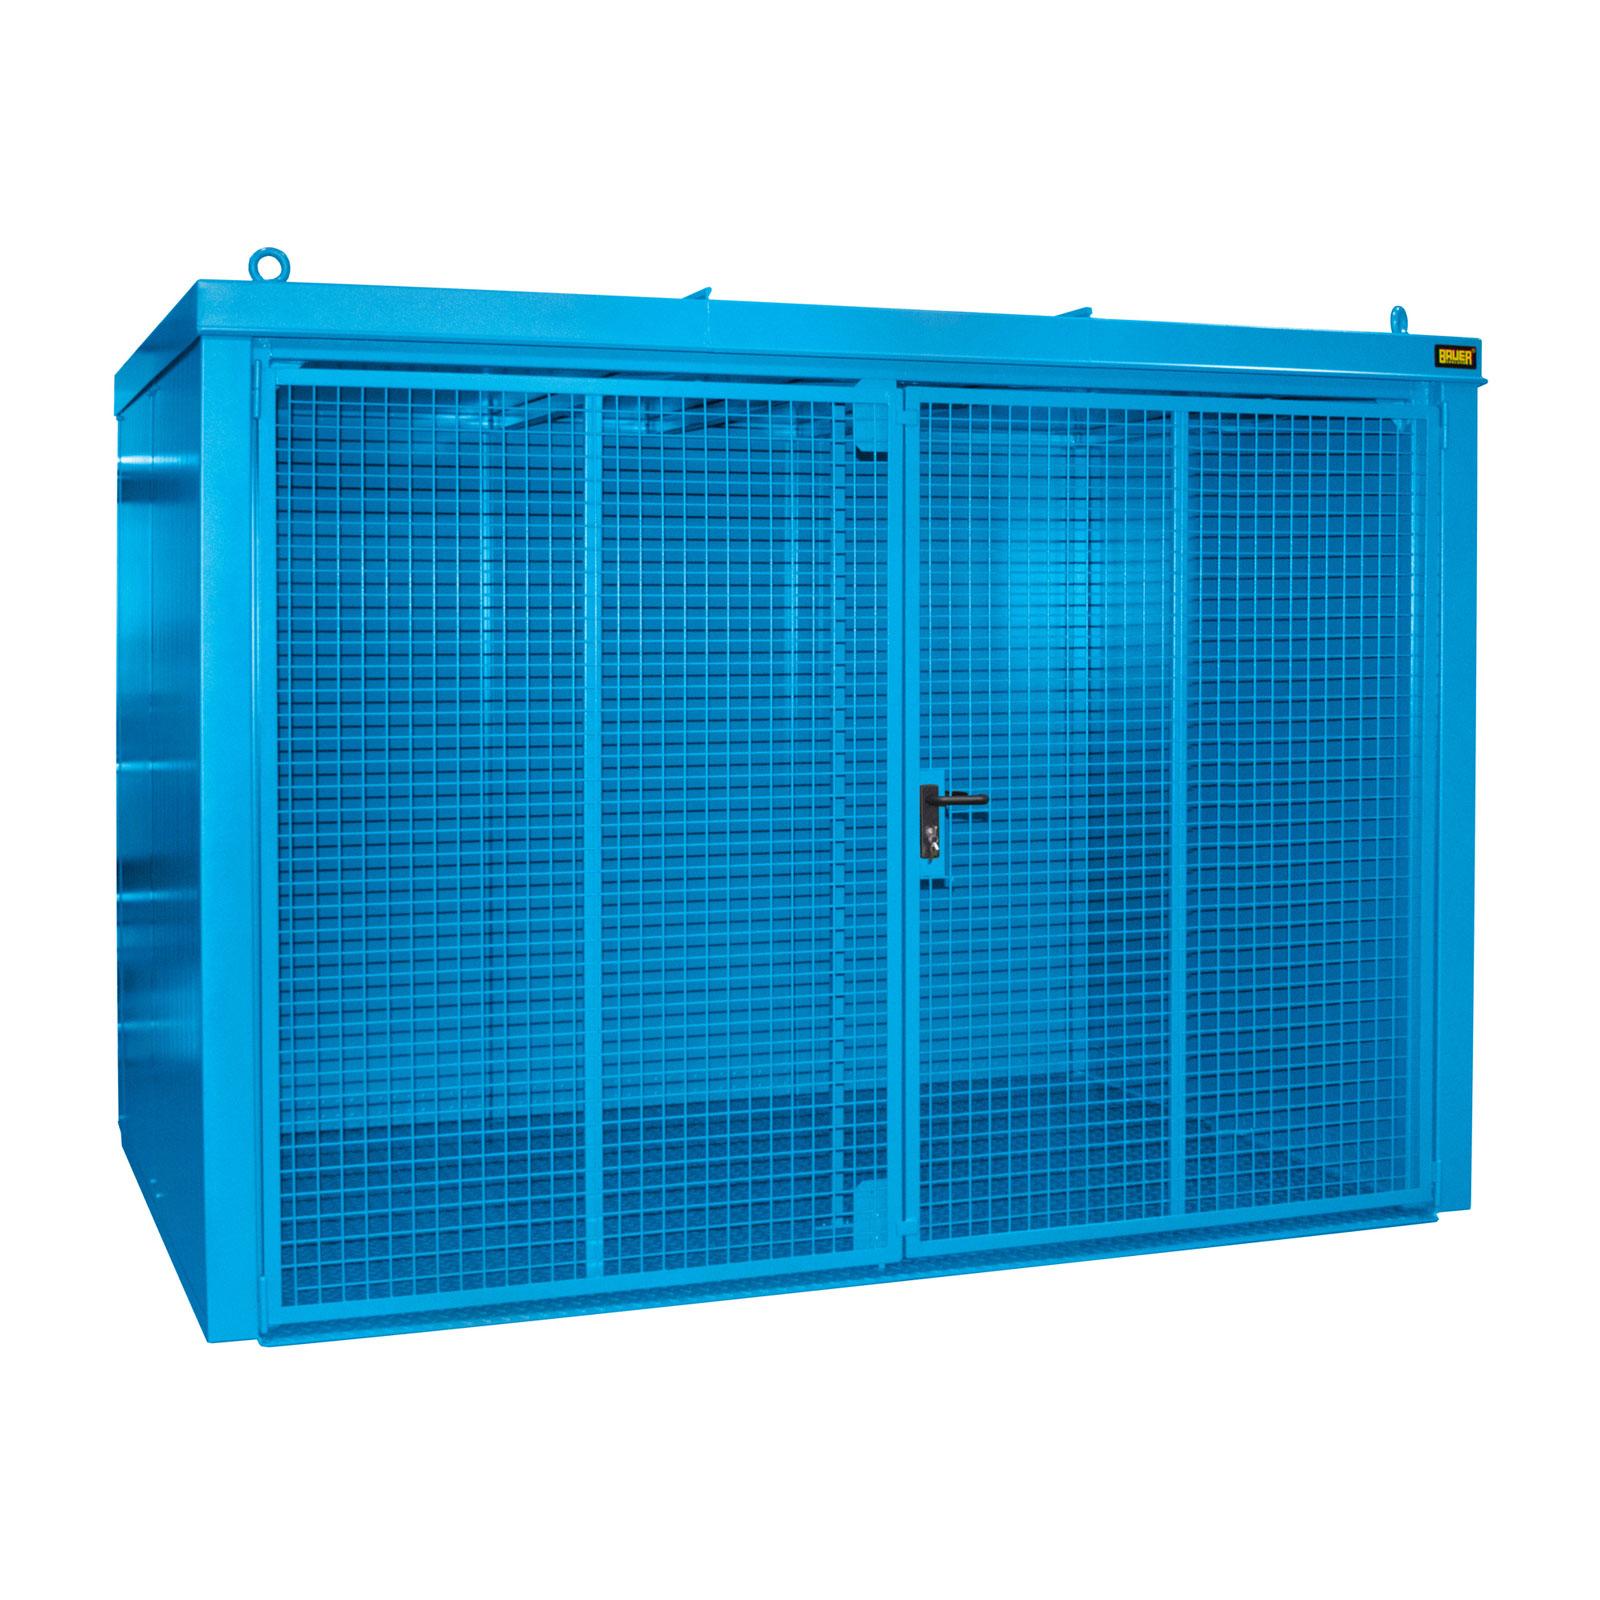 Bauer Gasflaschen-Container GFC-B M4, Lichtblau für 60x Gasflaschen Ø 230 mm 4477-34-0000-3